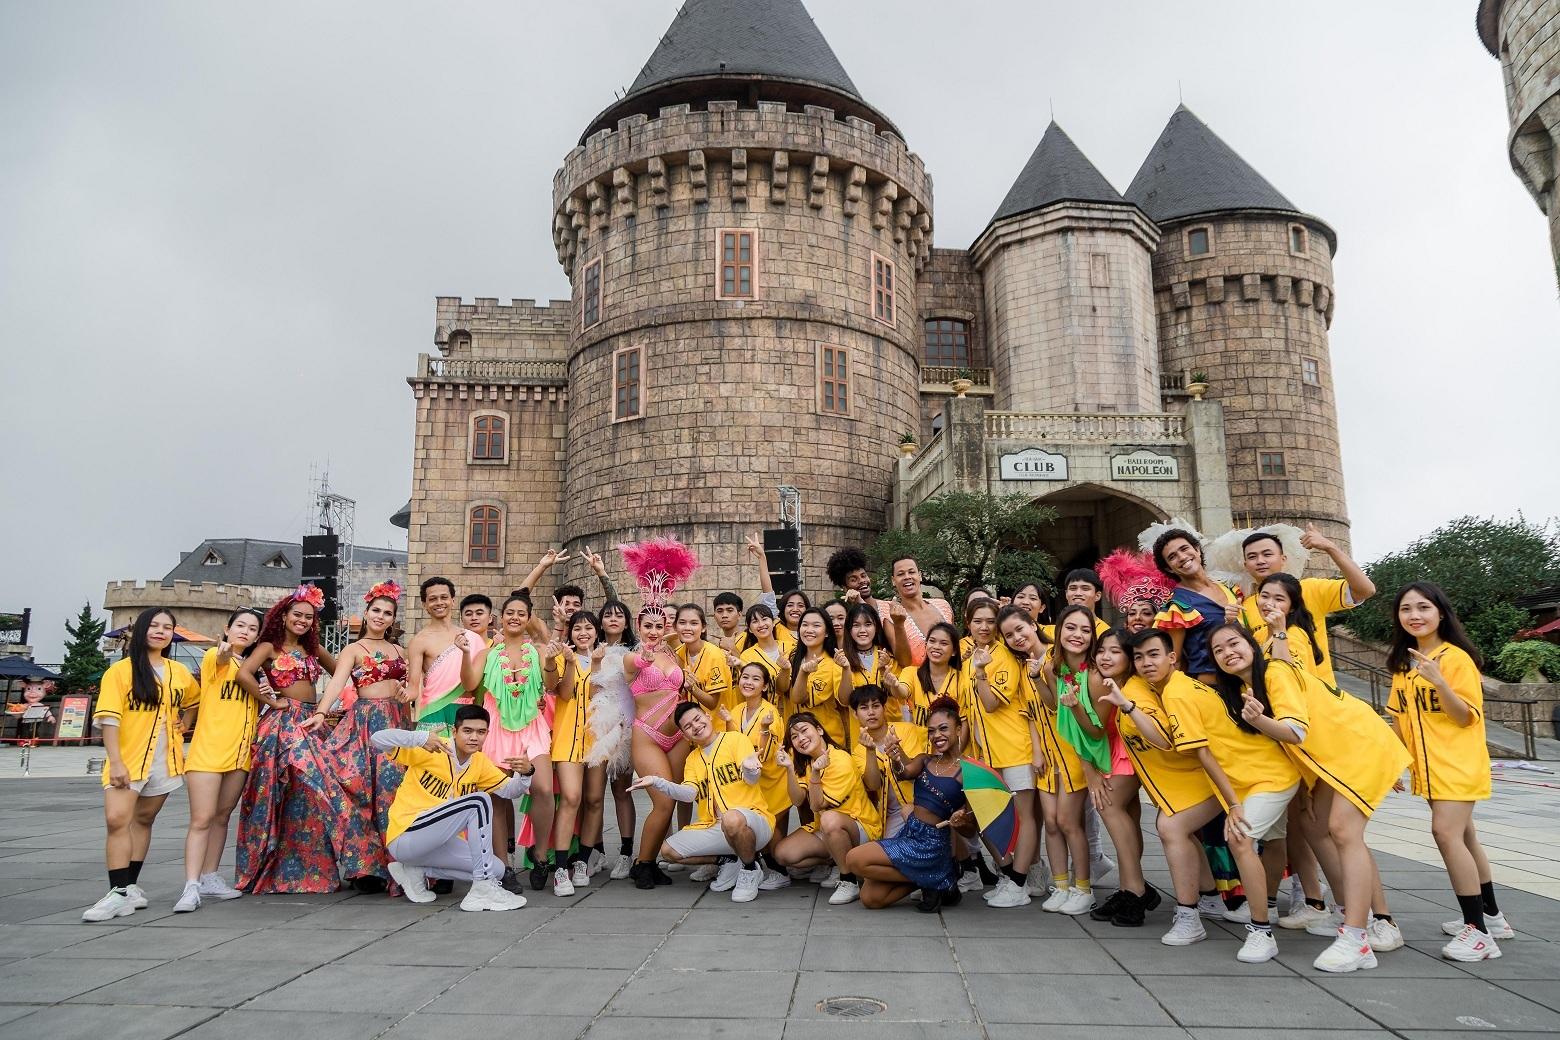 Flashmob cực chất từ nóc nhà Đông Dương đến bờ biển Phú Quốc